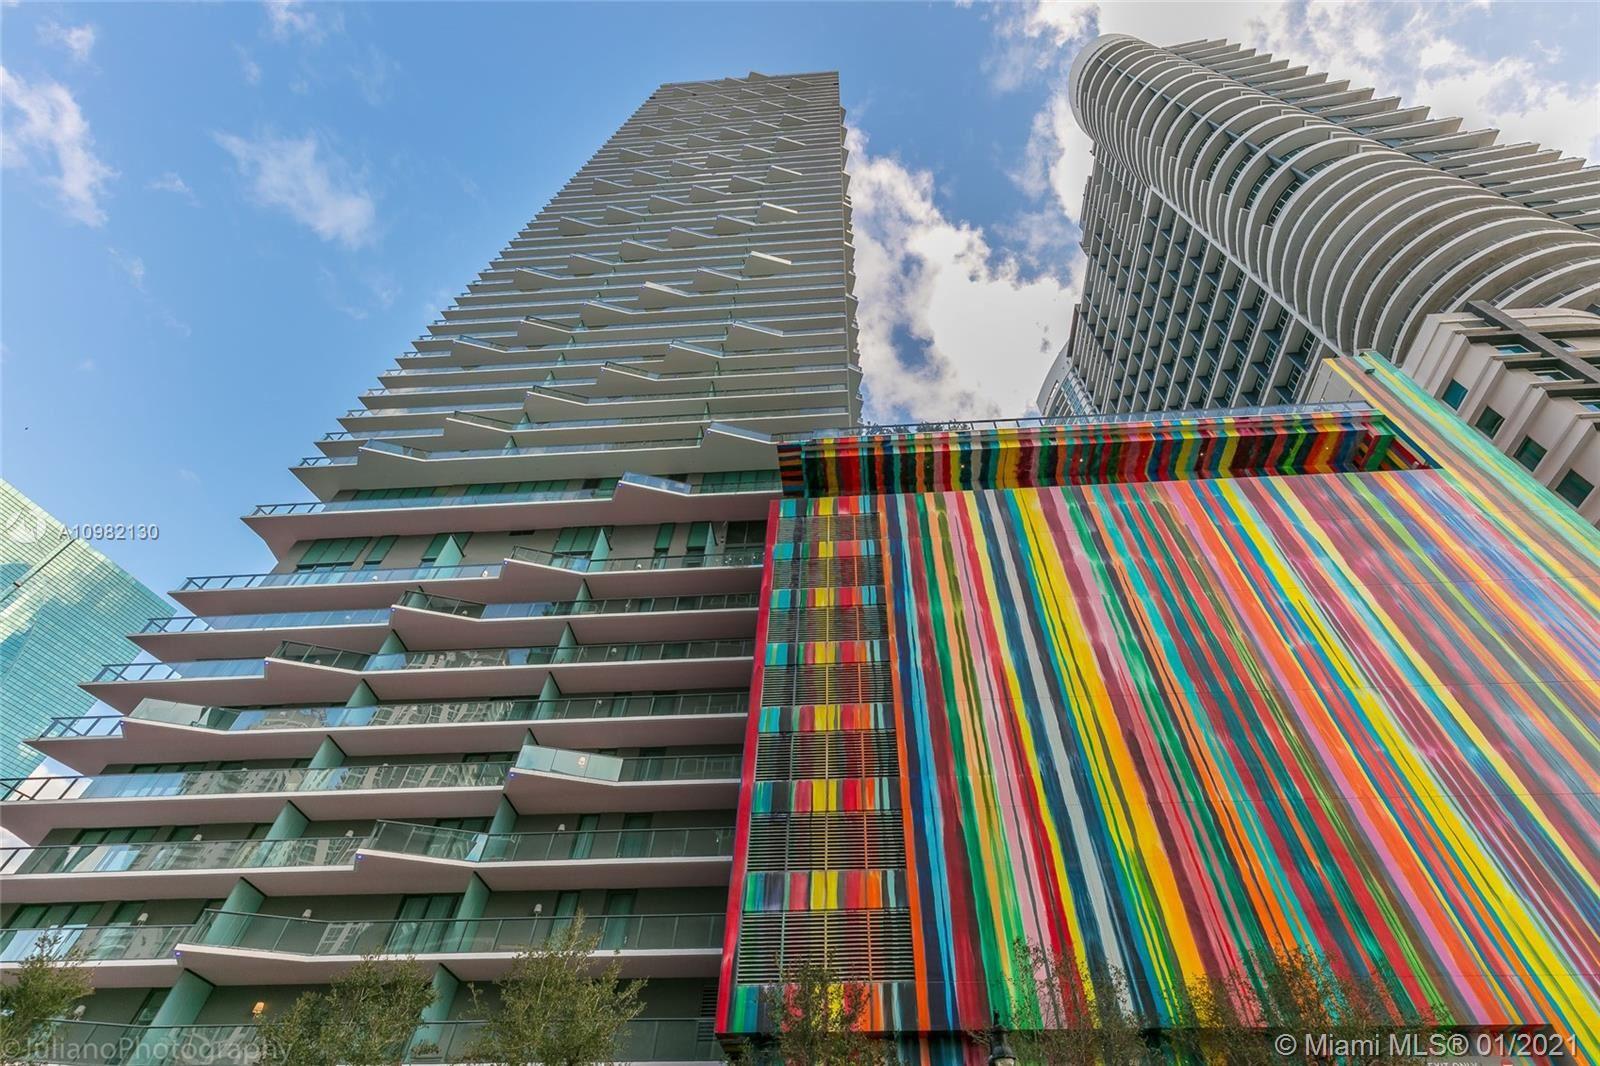 1300 S Miami Ave #2011, Miami, FL 33130 - #: A10982130